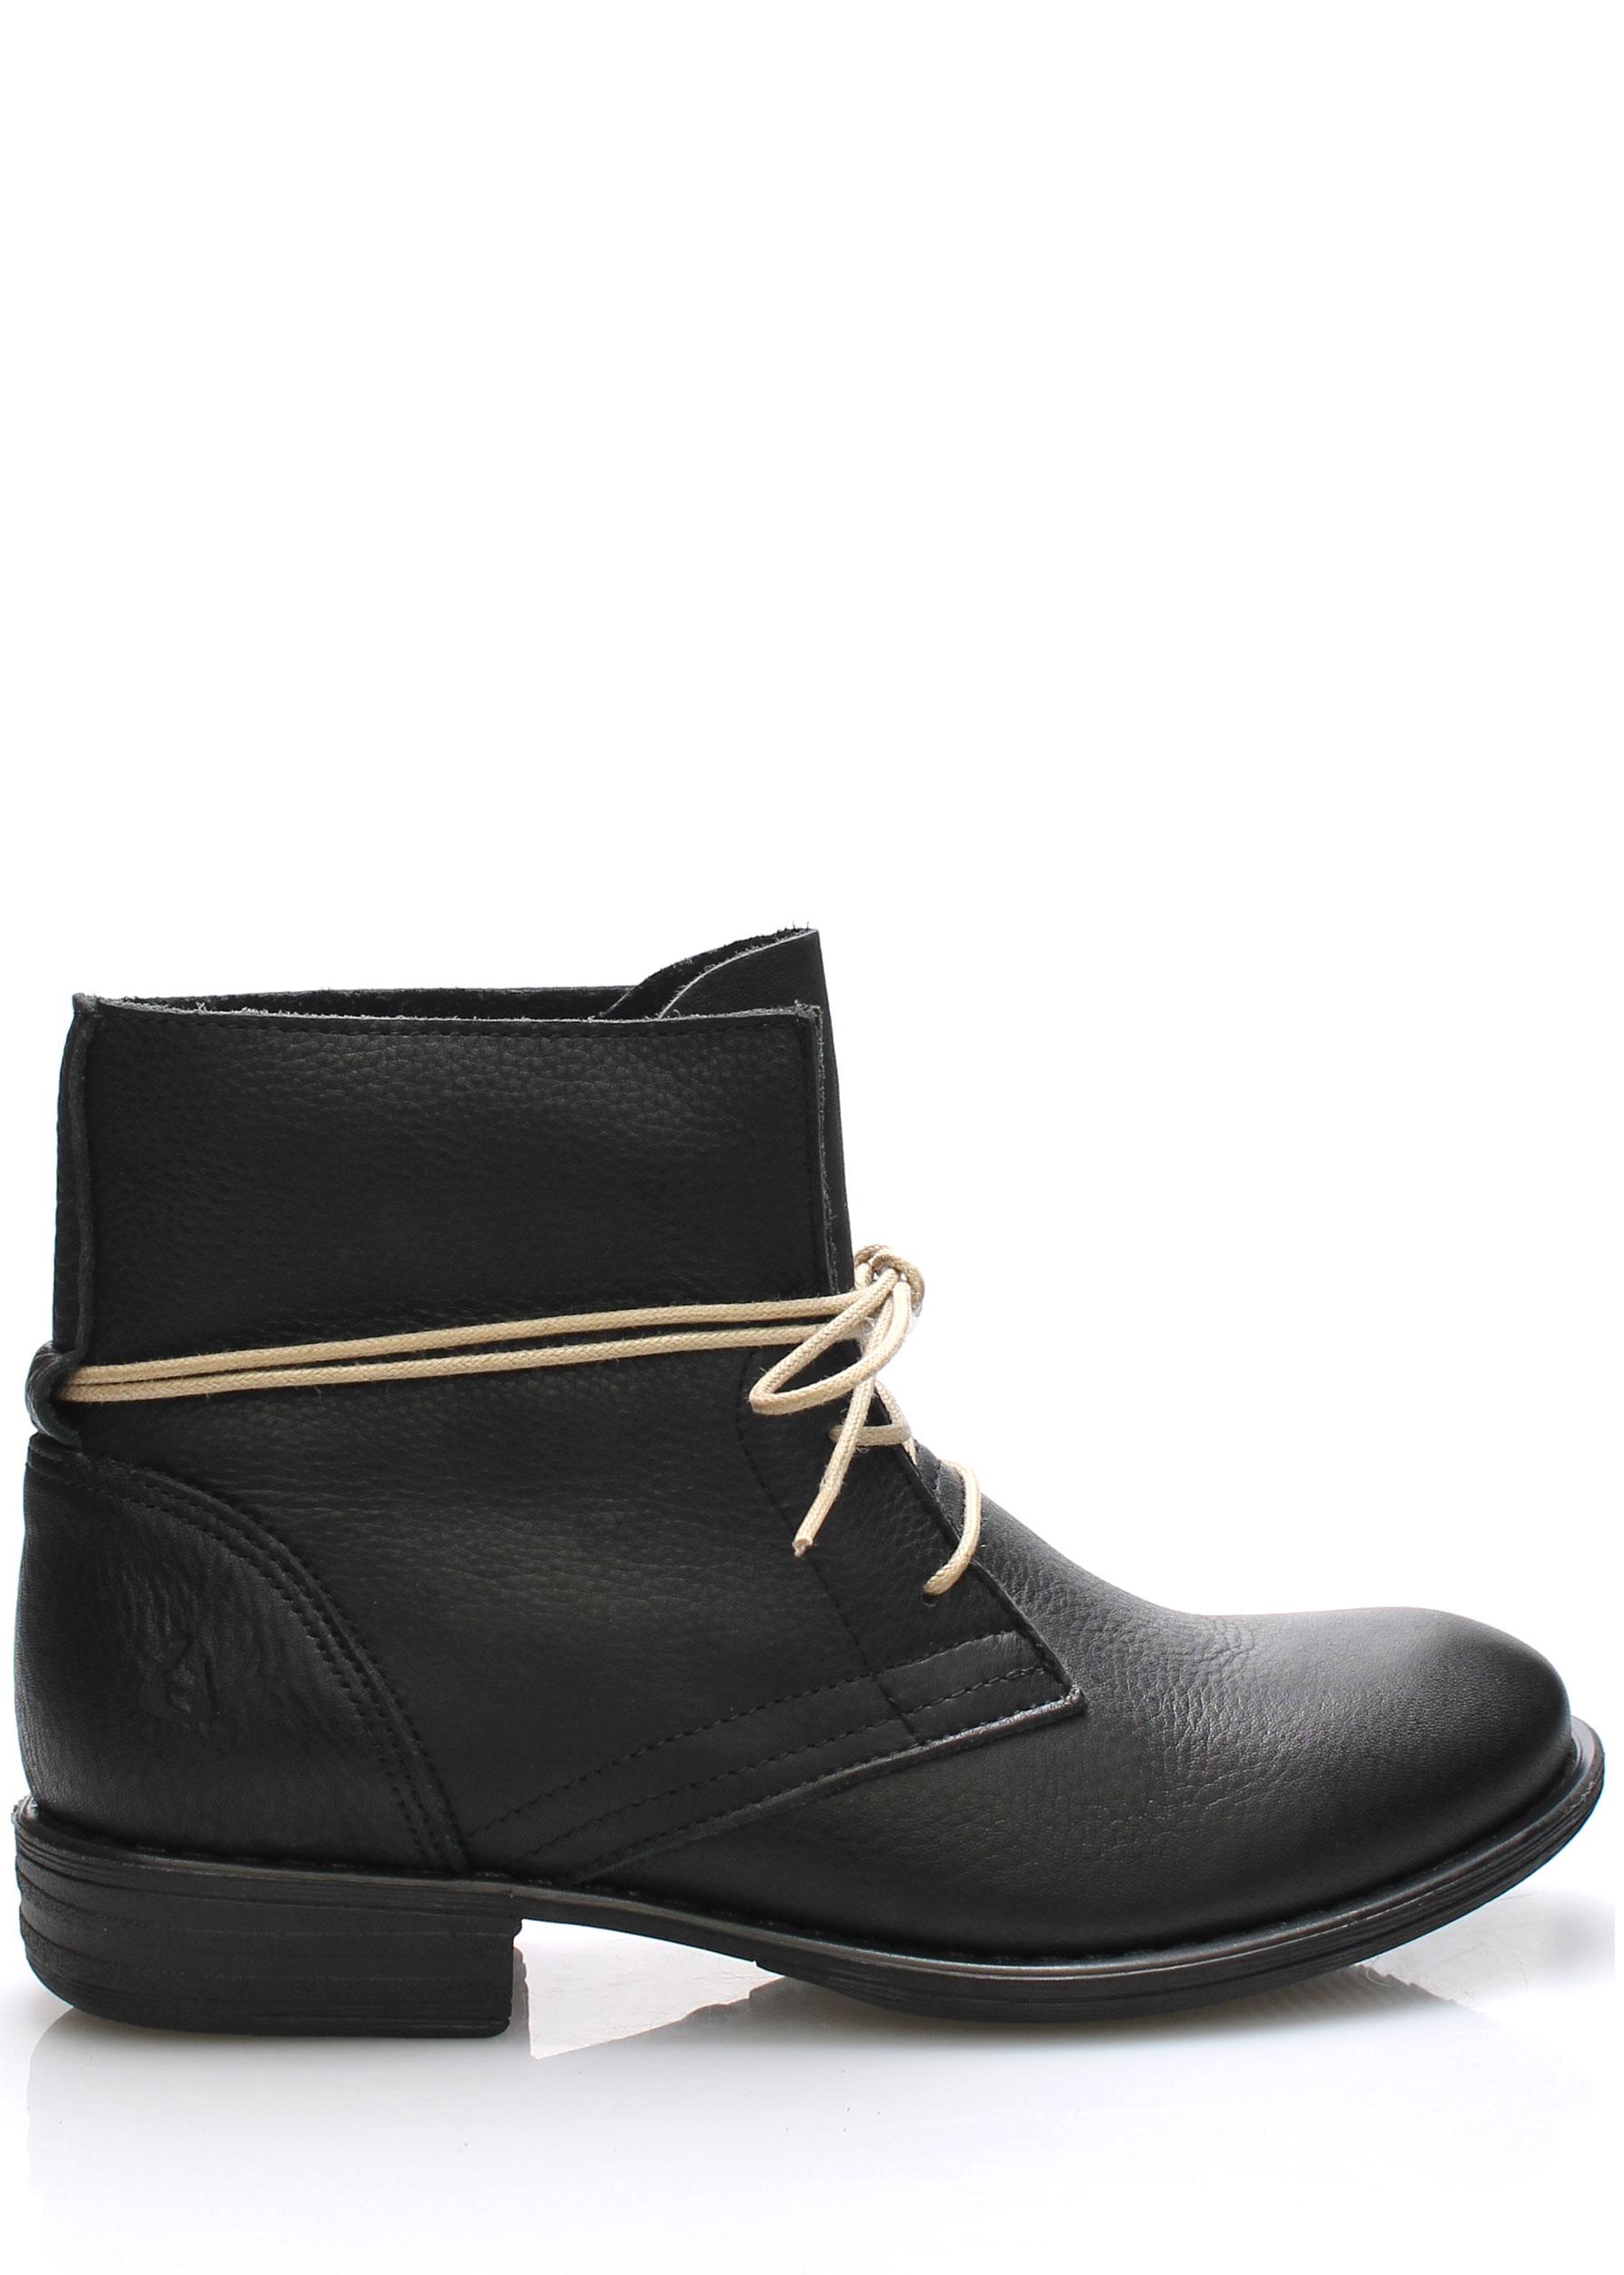 d4a27e06cf Černé kožené boty s tkaničkami Online Shoes Velikost  42